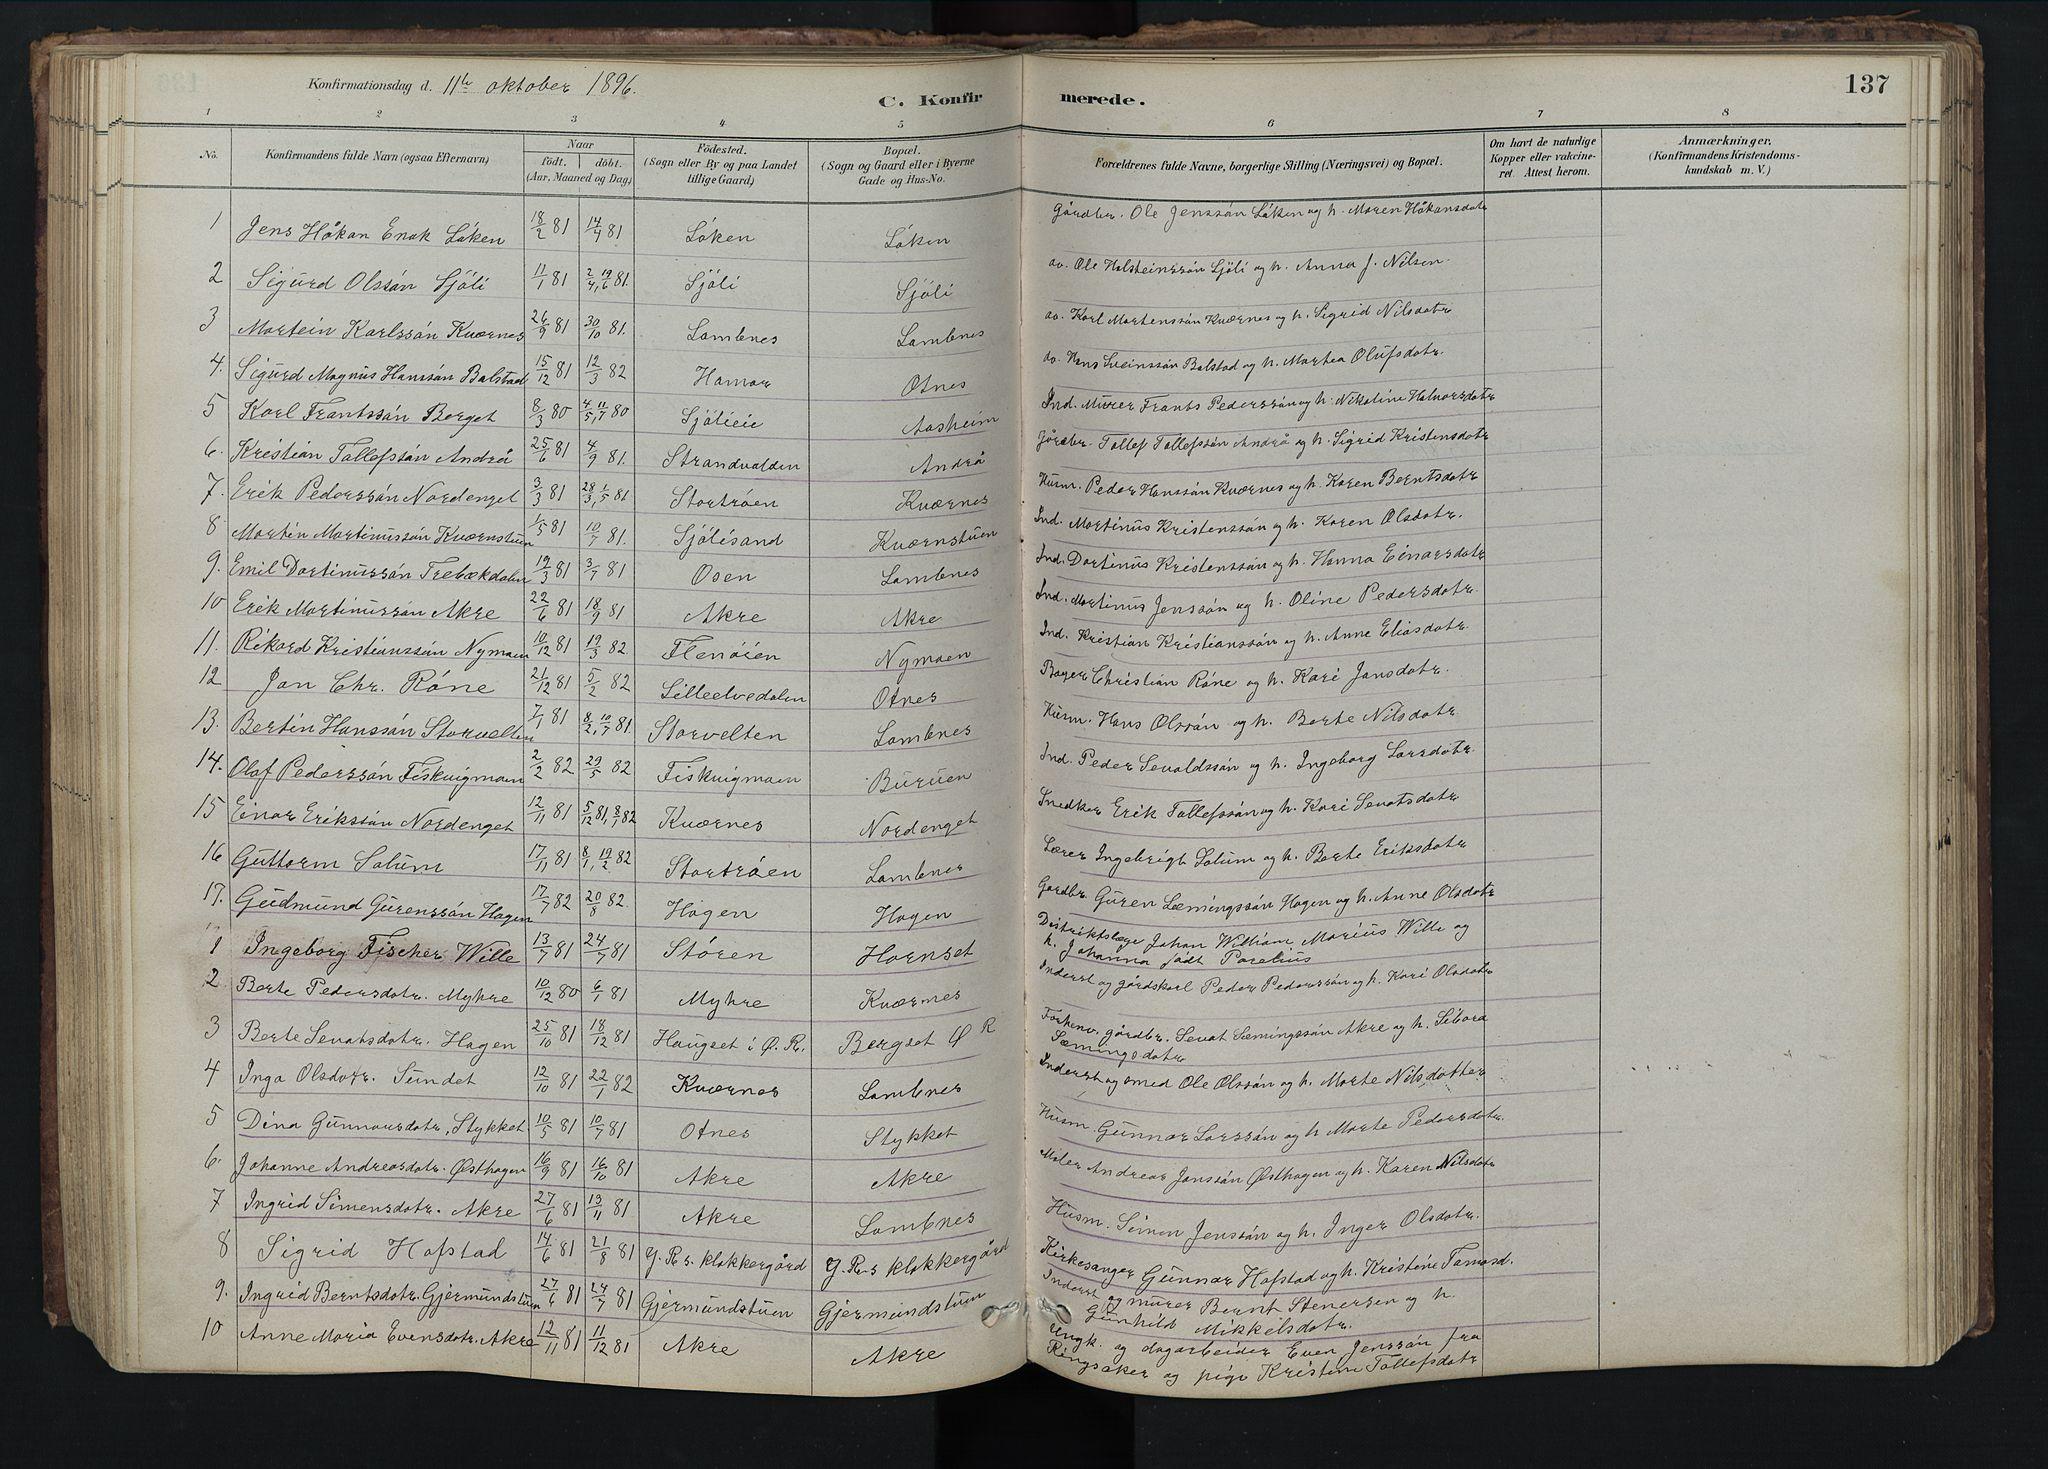 SAH, Rendalen prestekontor, H/Ha/Hab/L0009: Klokkerbok nr. 9, 1879-1902, s. 137